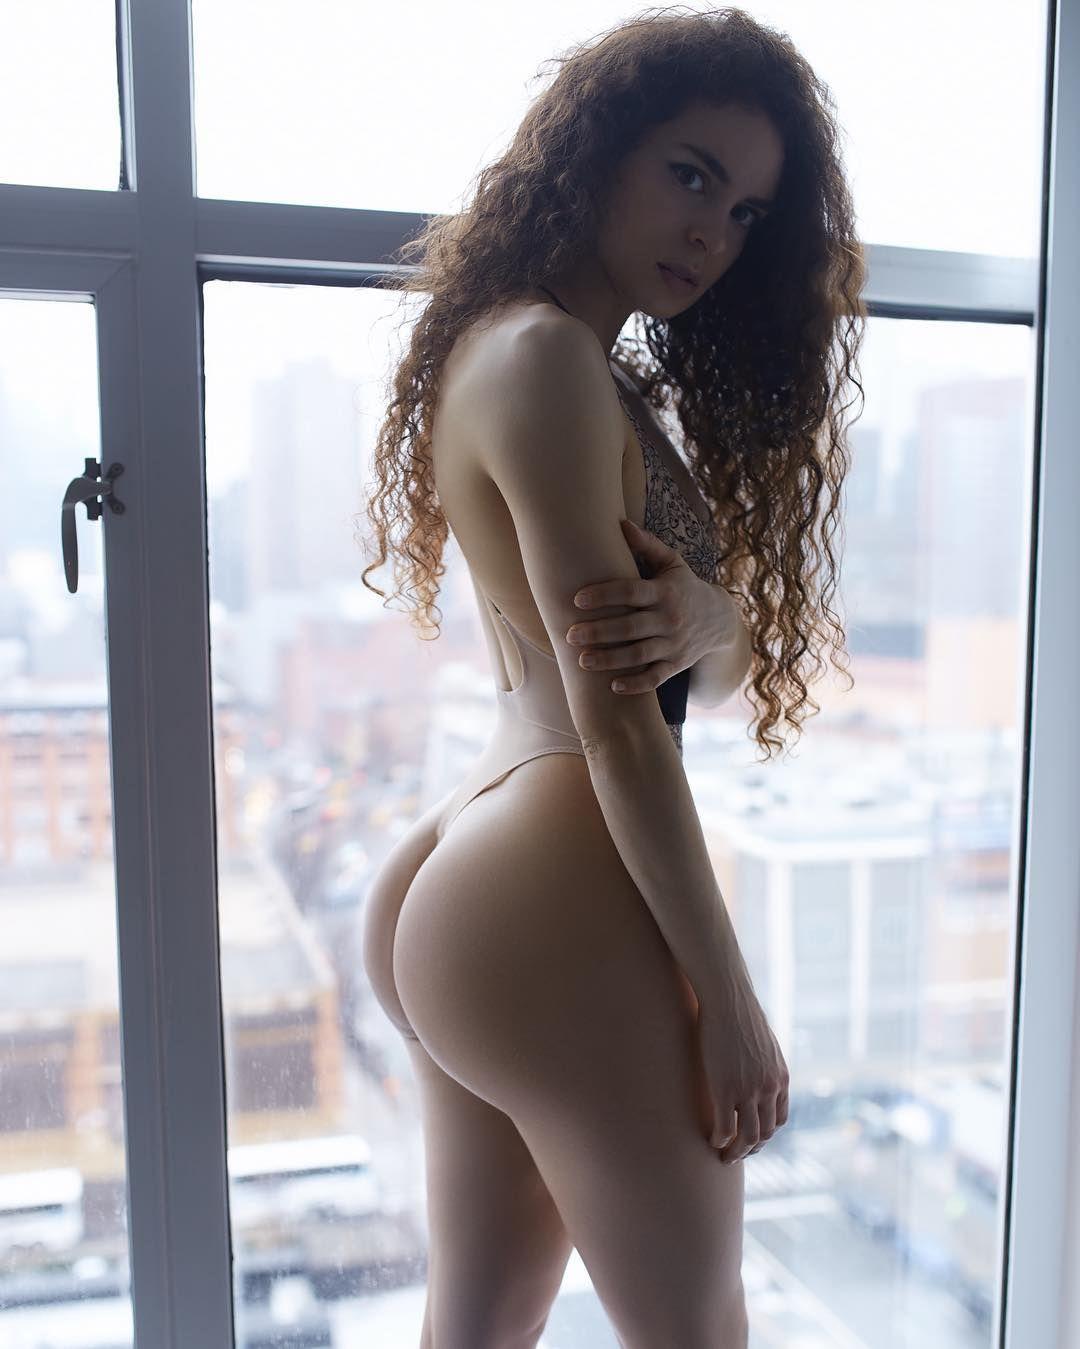 wemen bent over bare ass naked